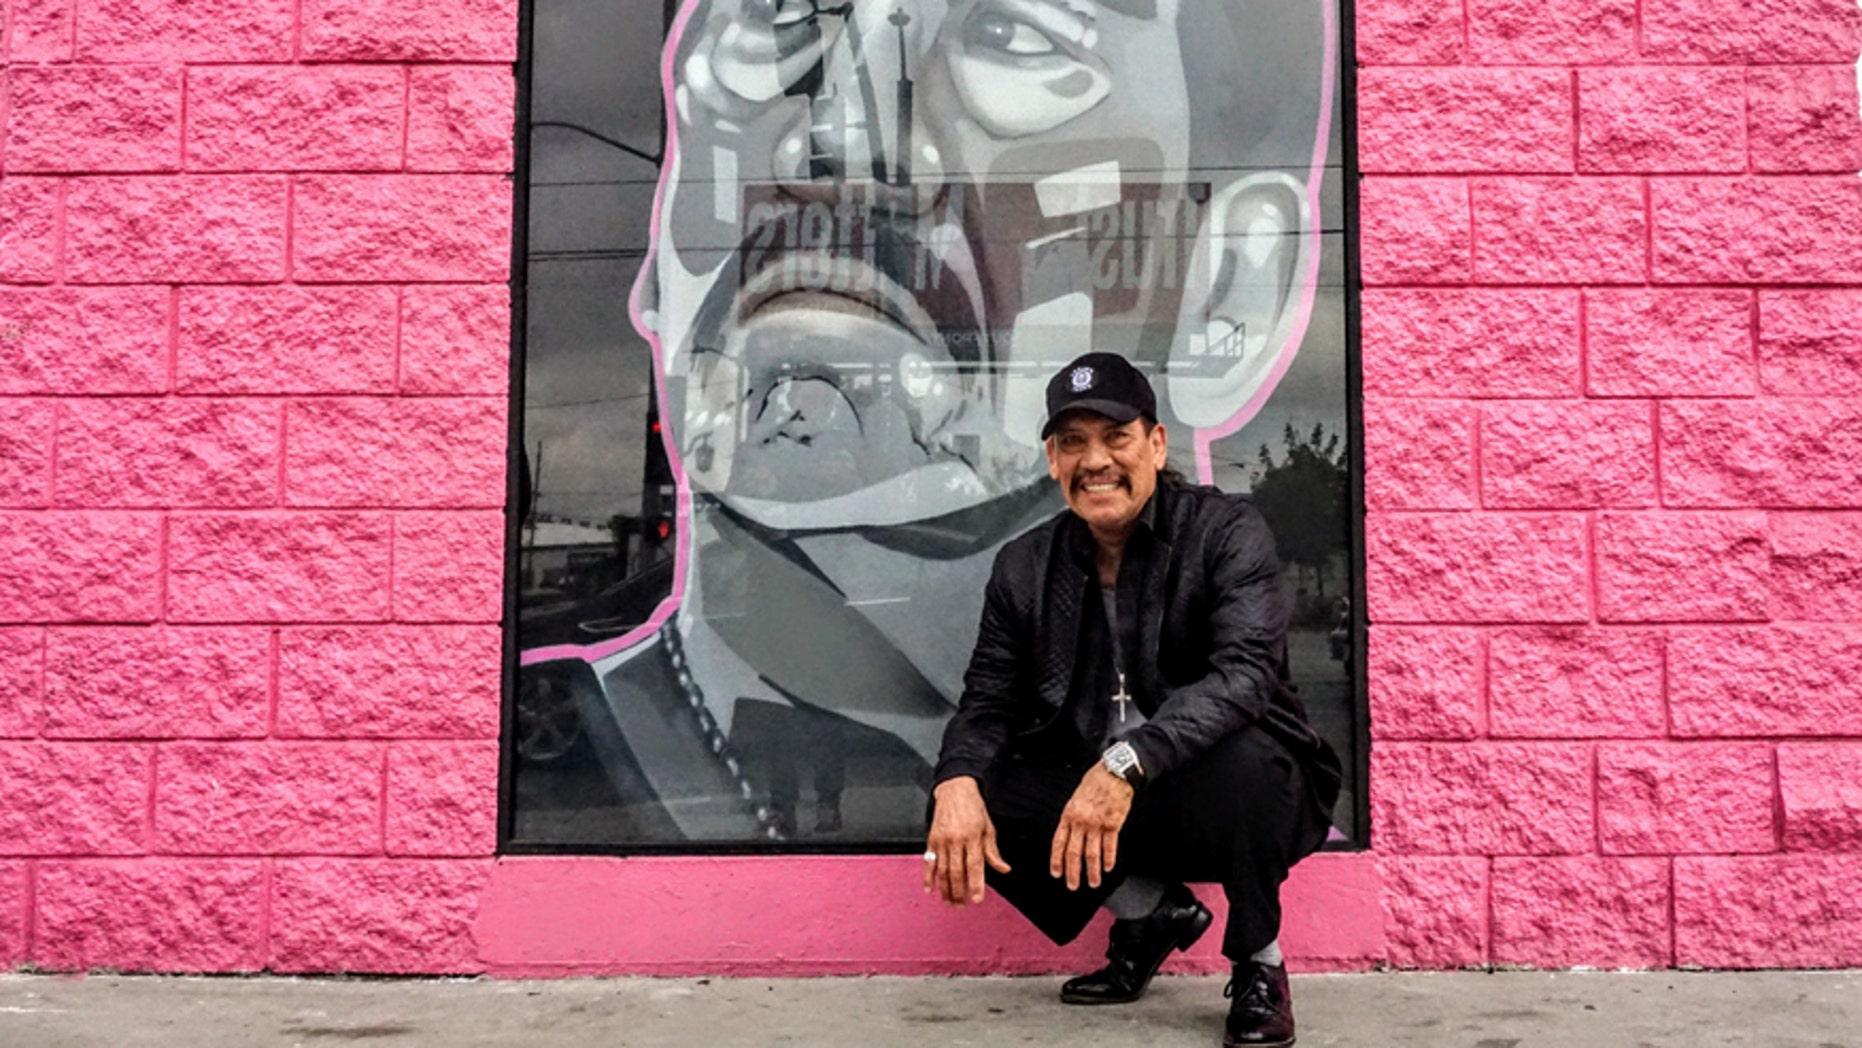 Danny Trejo at Trejo's Coffee & Donuts